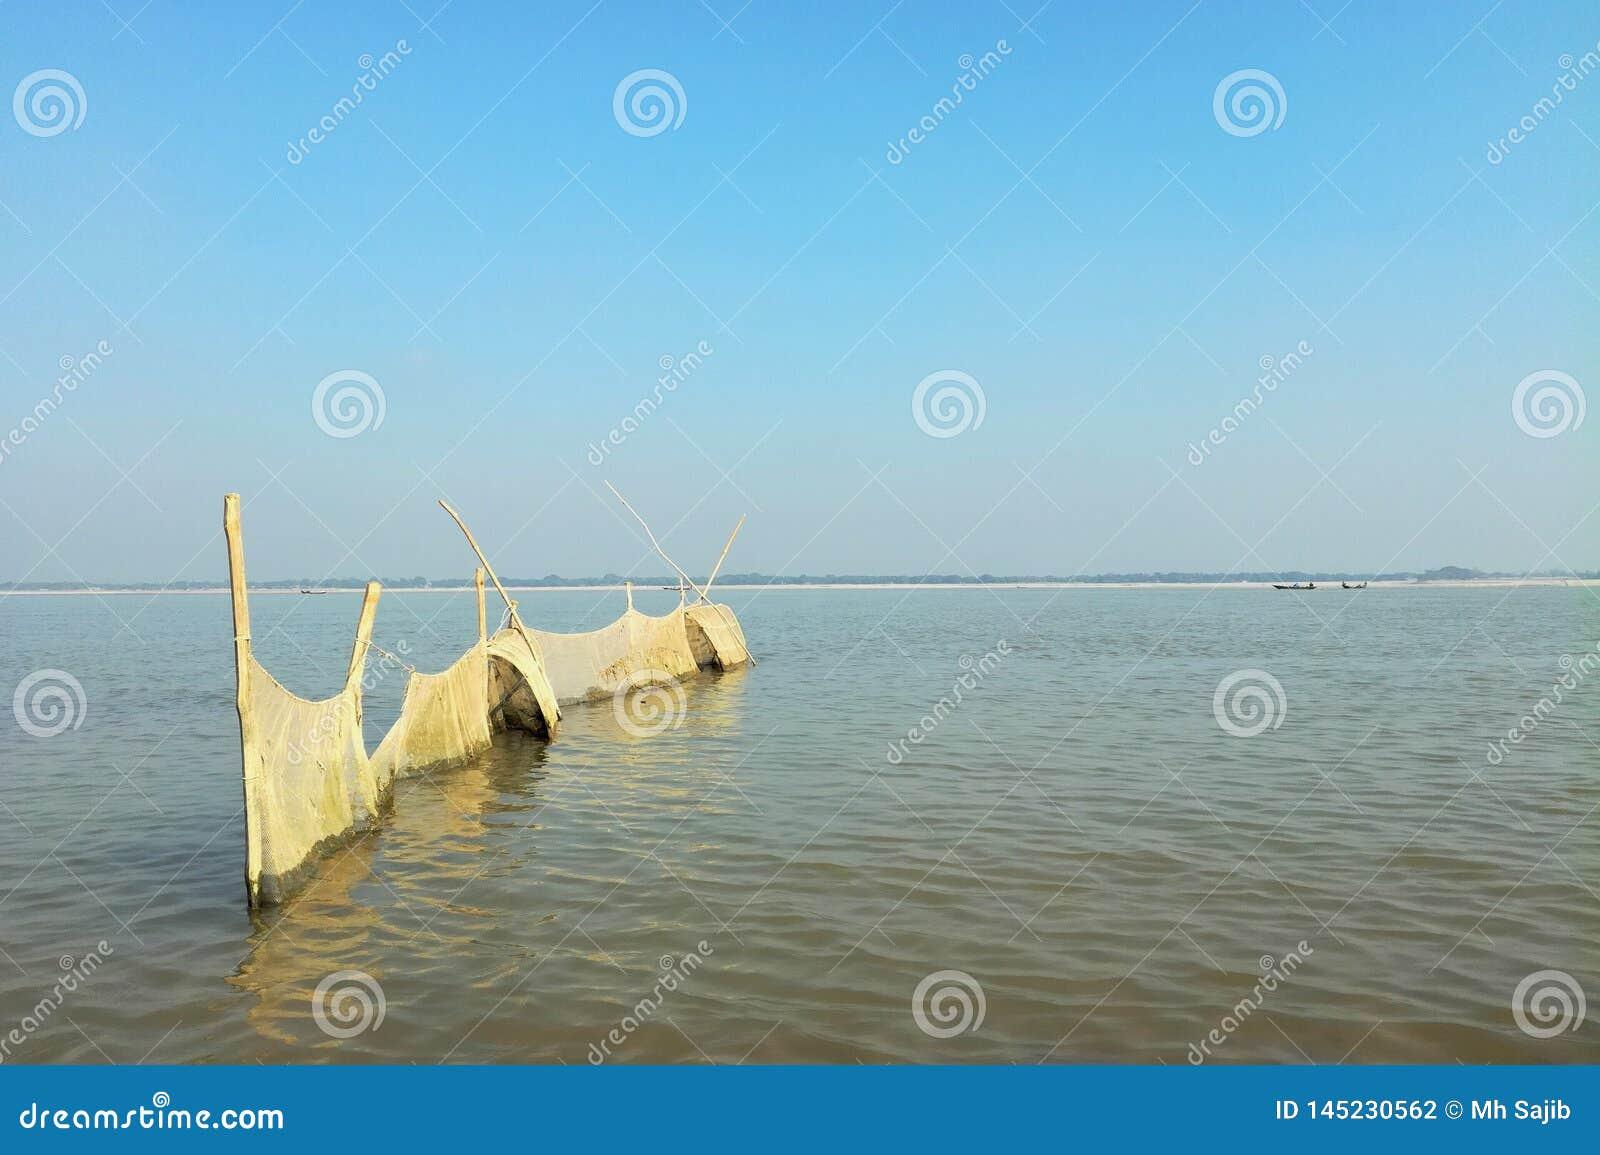 Δίχτυ του ψαρέματος στον ποταμό padma, Μπαγκλαντές